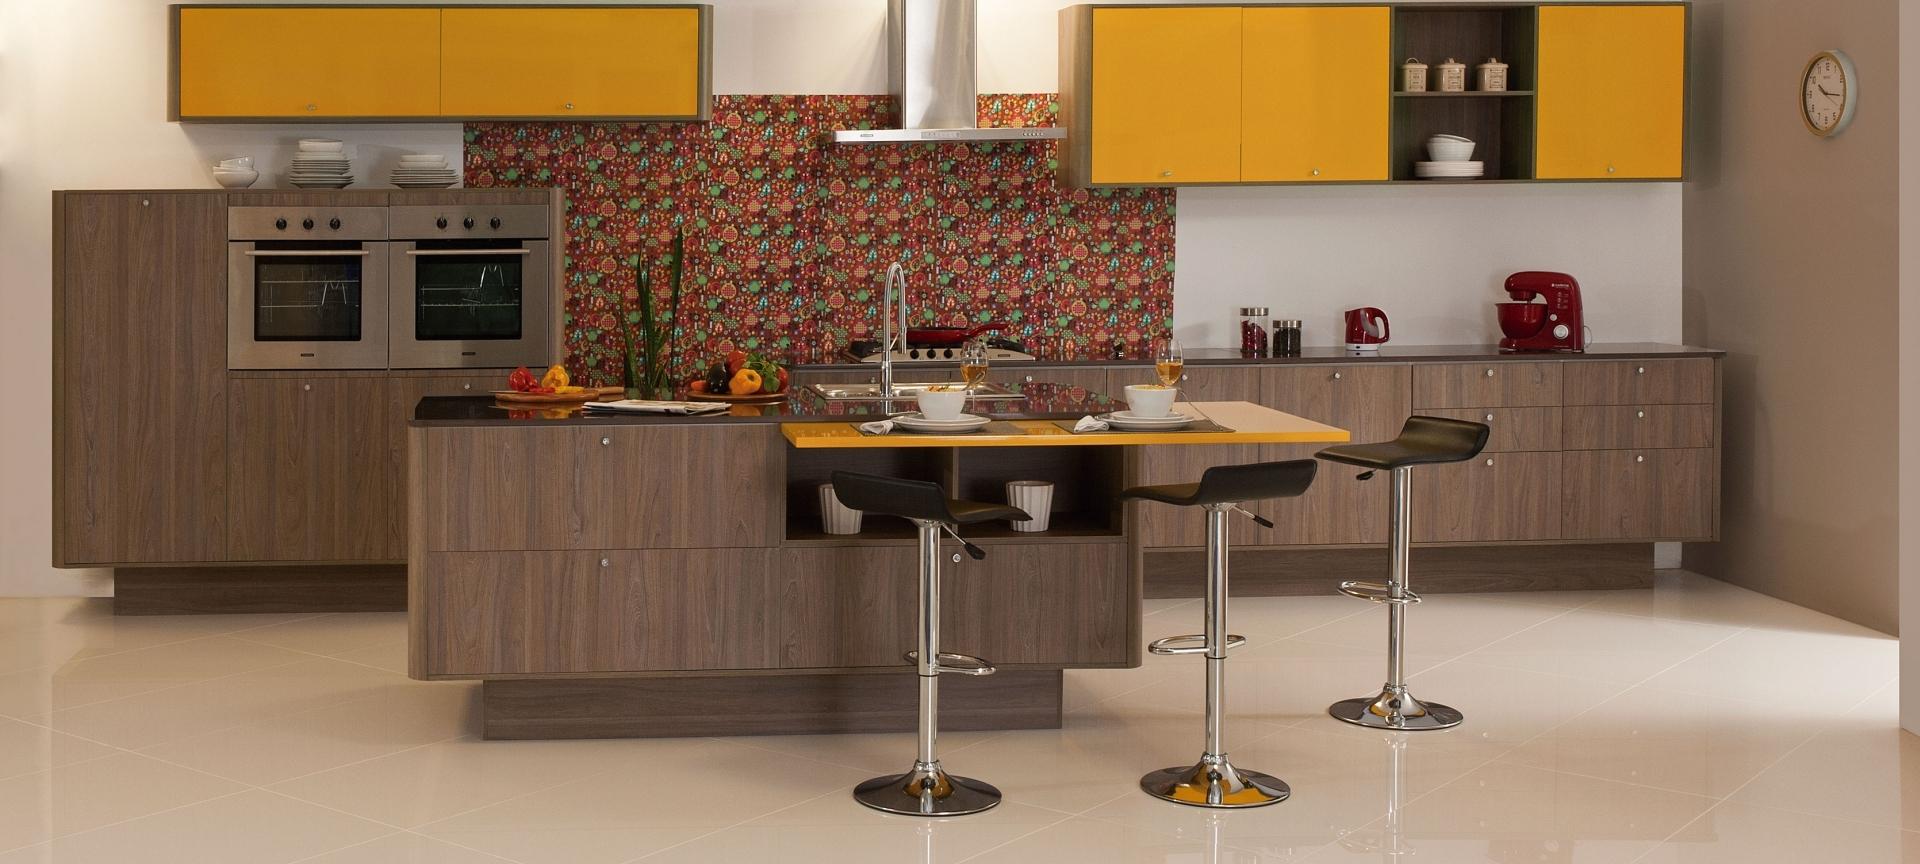 Cozinha Planejada Americana Preço no Jardim Presidente Dutra - Cozinha Planejada para Apartamento